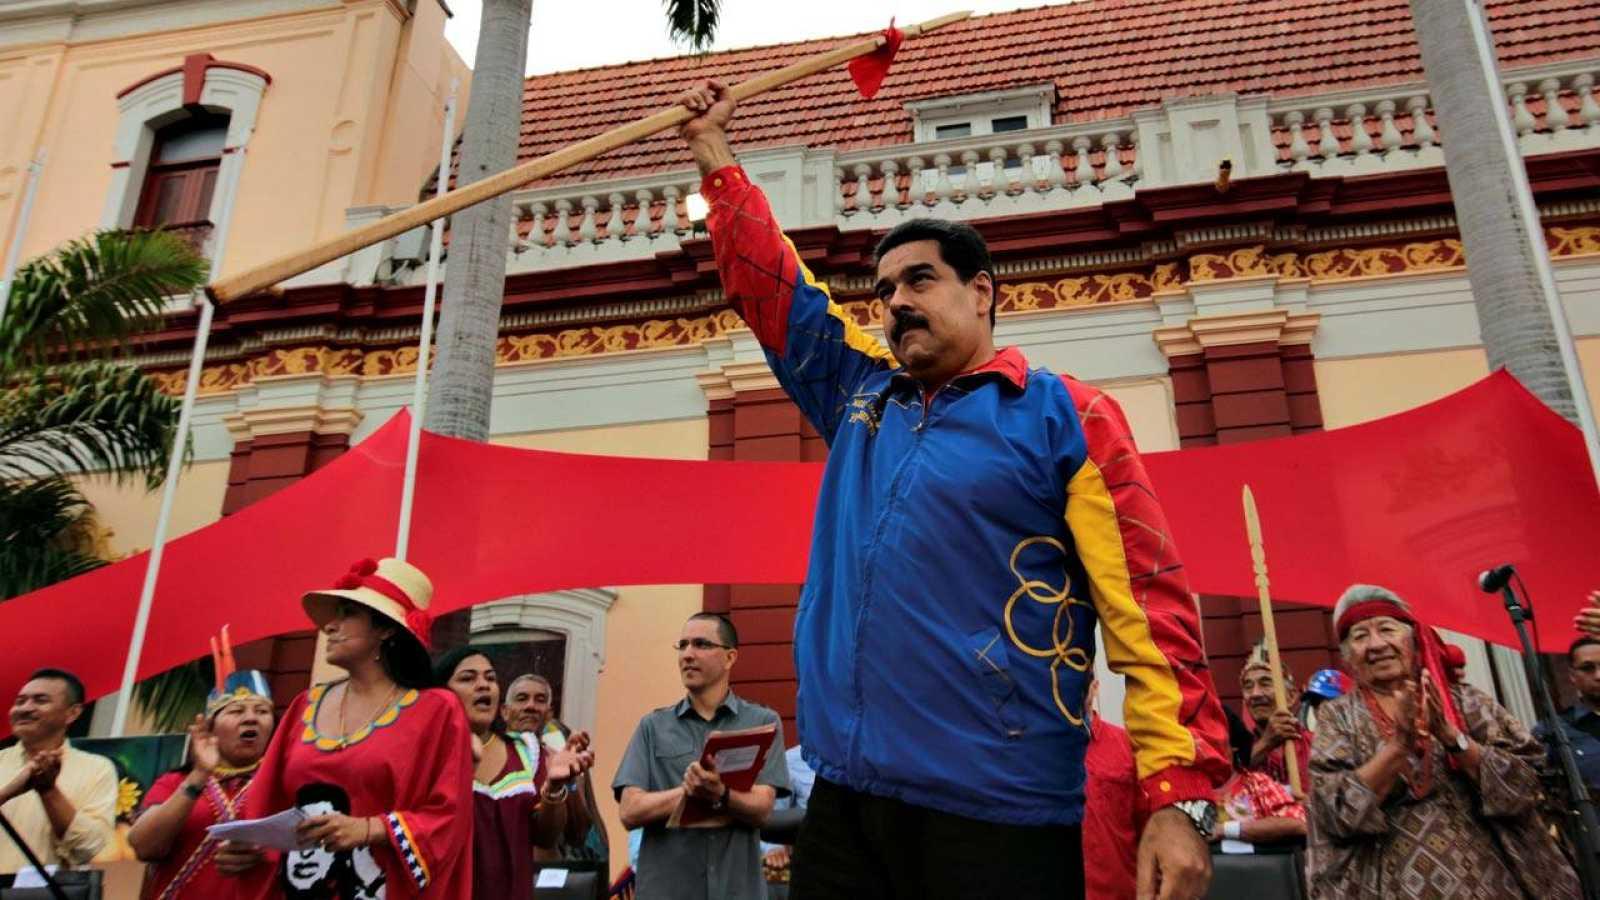 El presidente venezolano, Nicolás Maduro, en un acto con diputados indígenas en Caracas